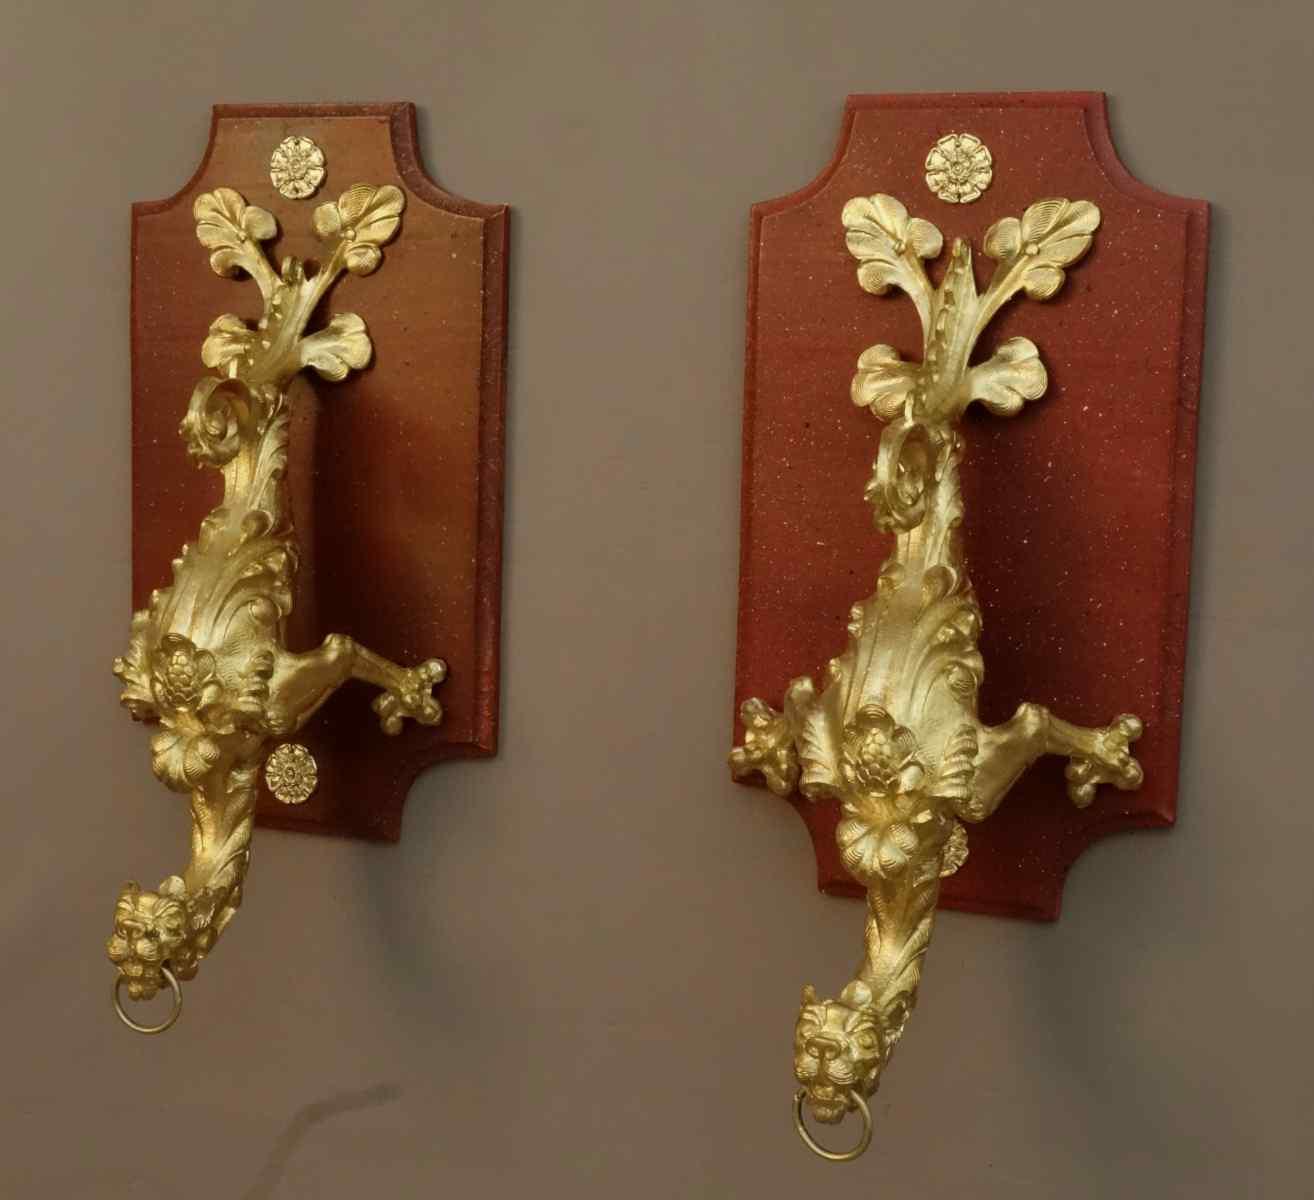 Série De Très Importants Portes Embrasse XIXème